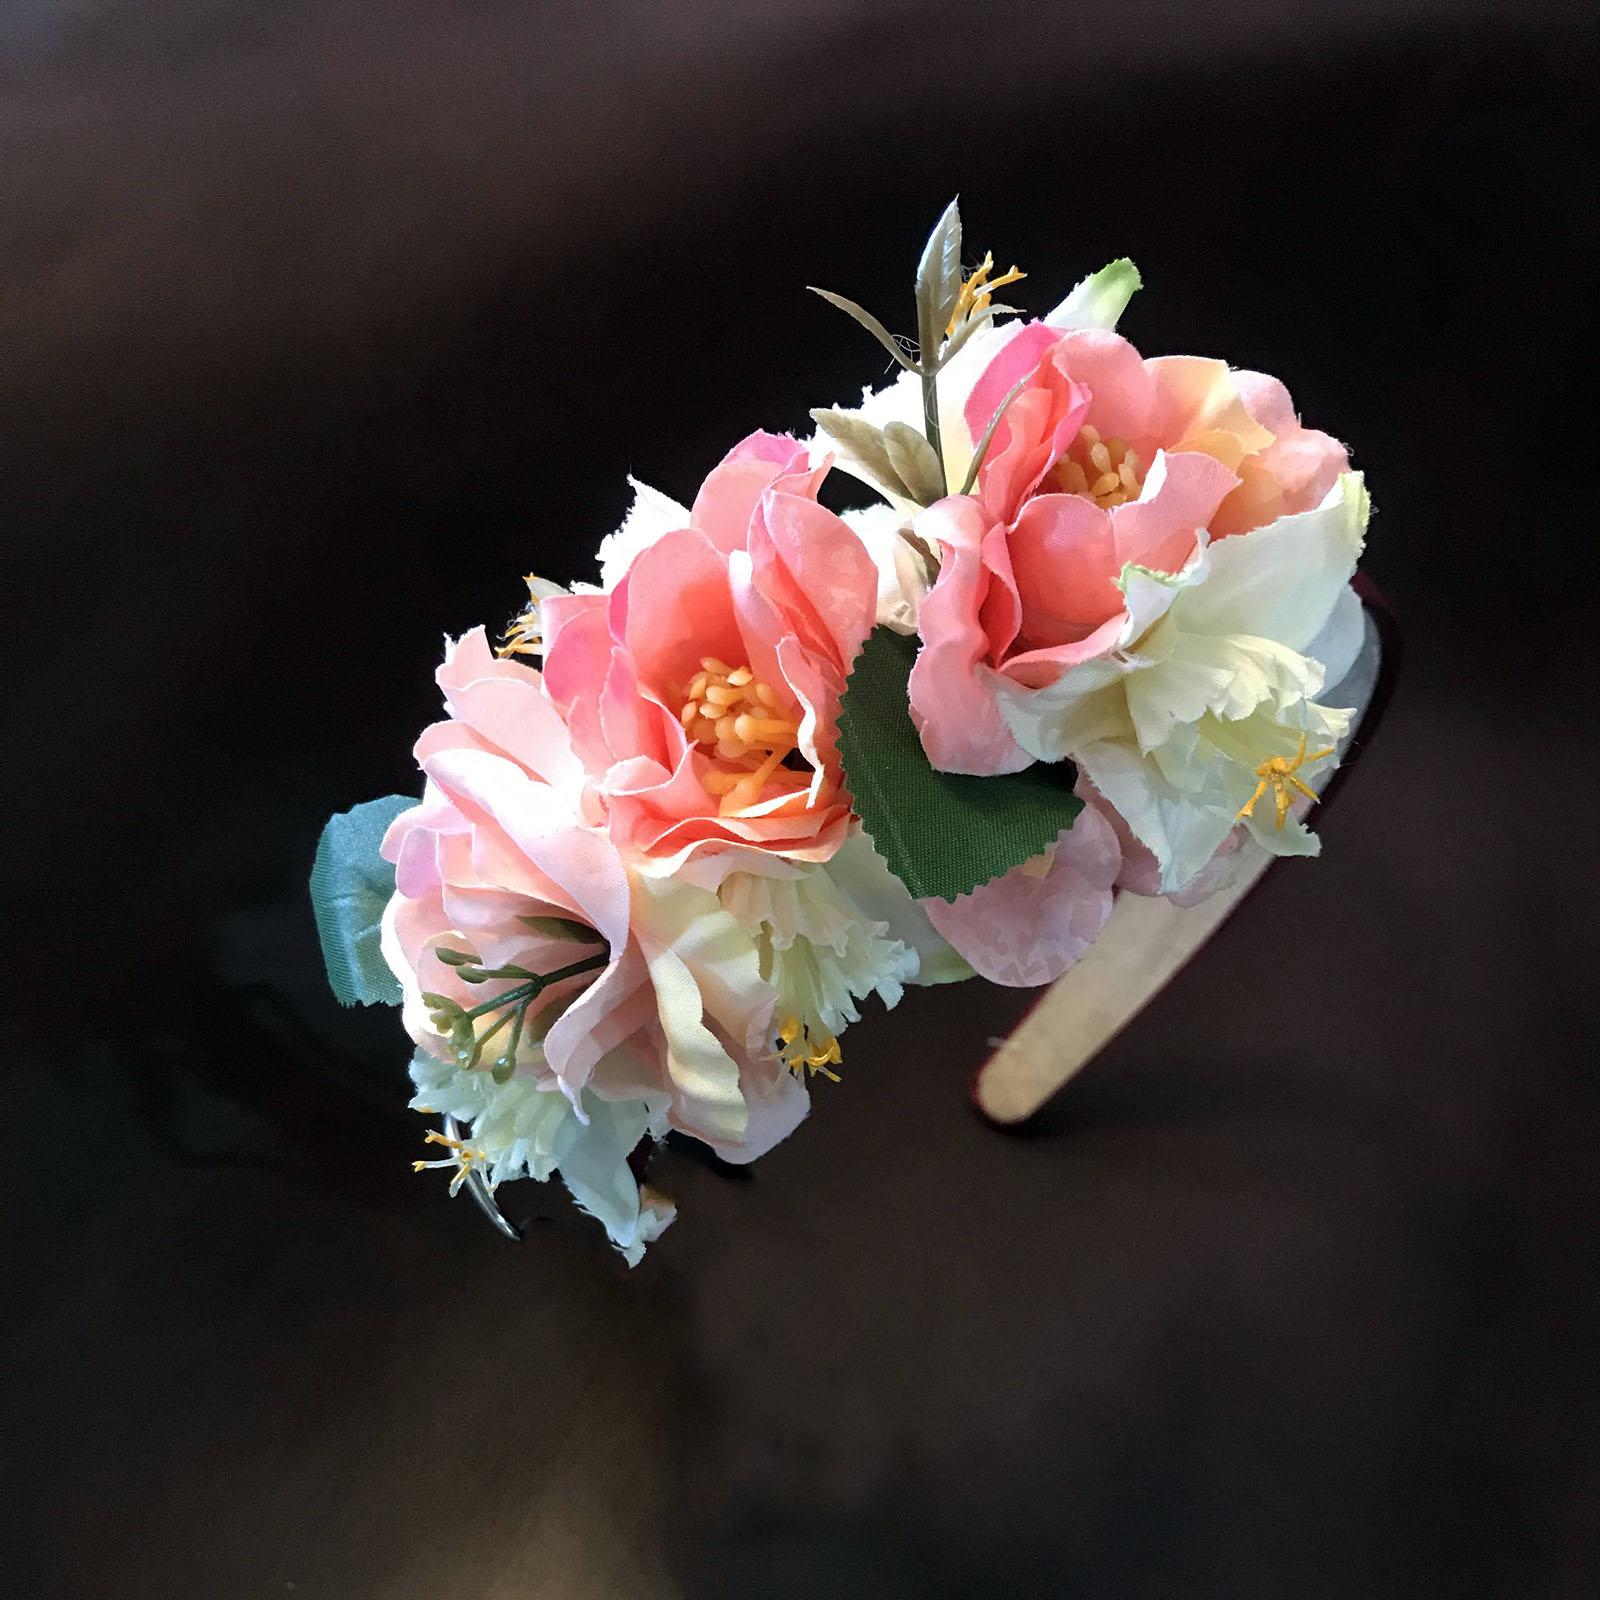 plauku geliu lankelis ranu darbo dovanos moterims merginoms panelems ziedlapiu lankeliai dovana mergvakario lankelis aksesuarai papuosalai moterims 18